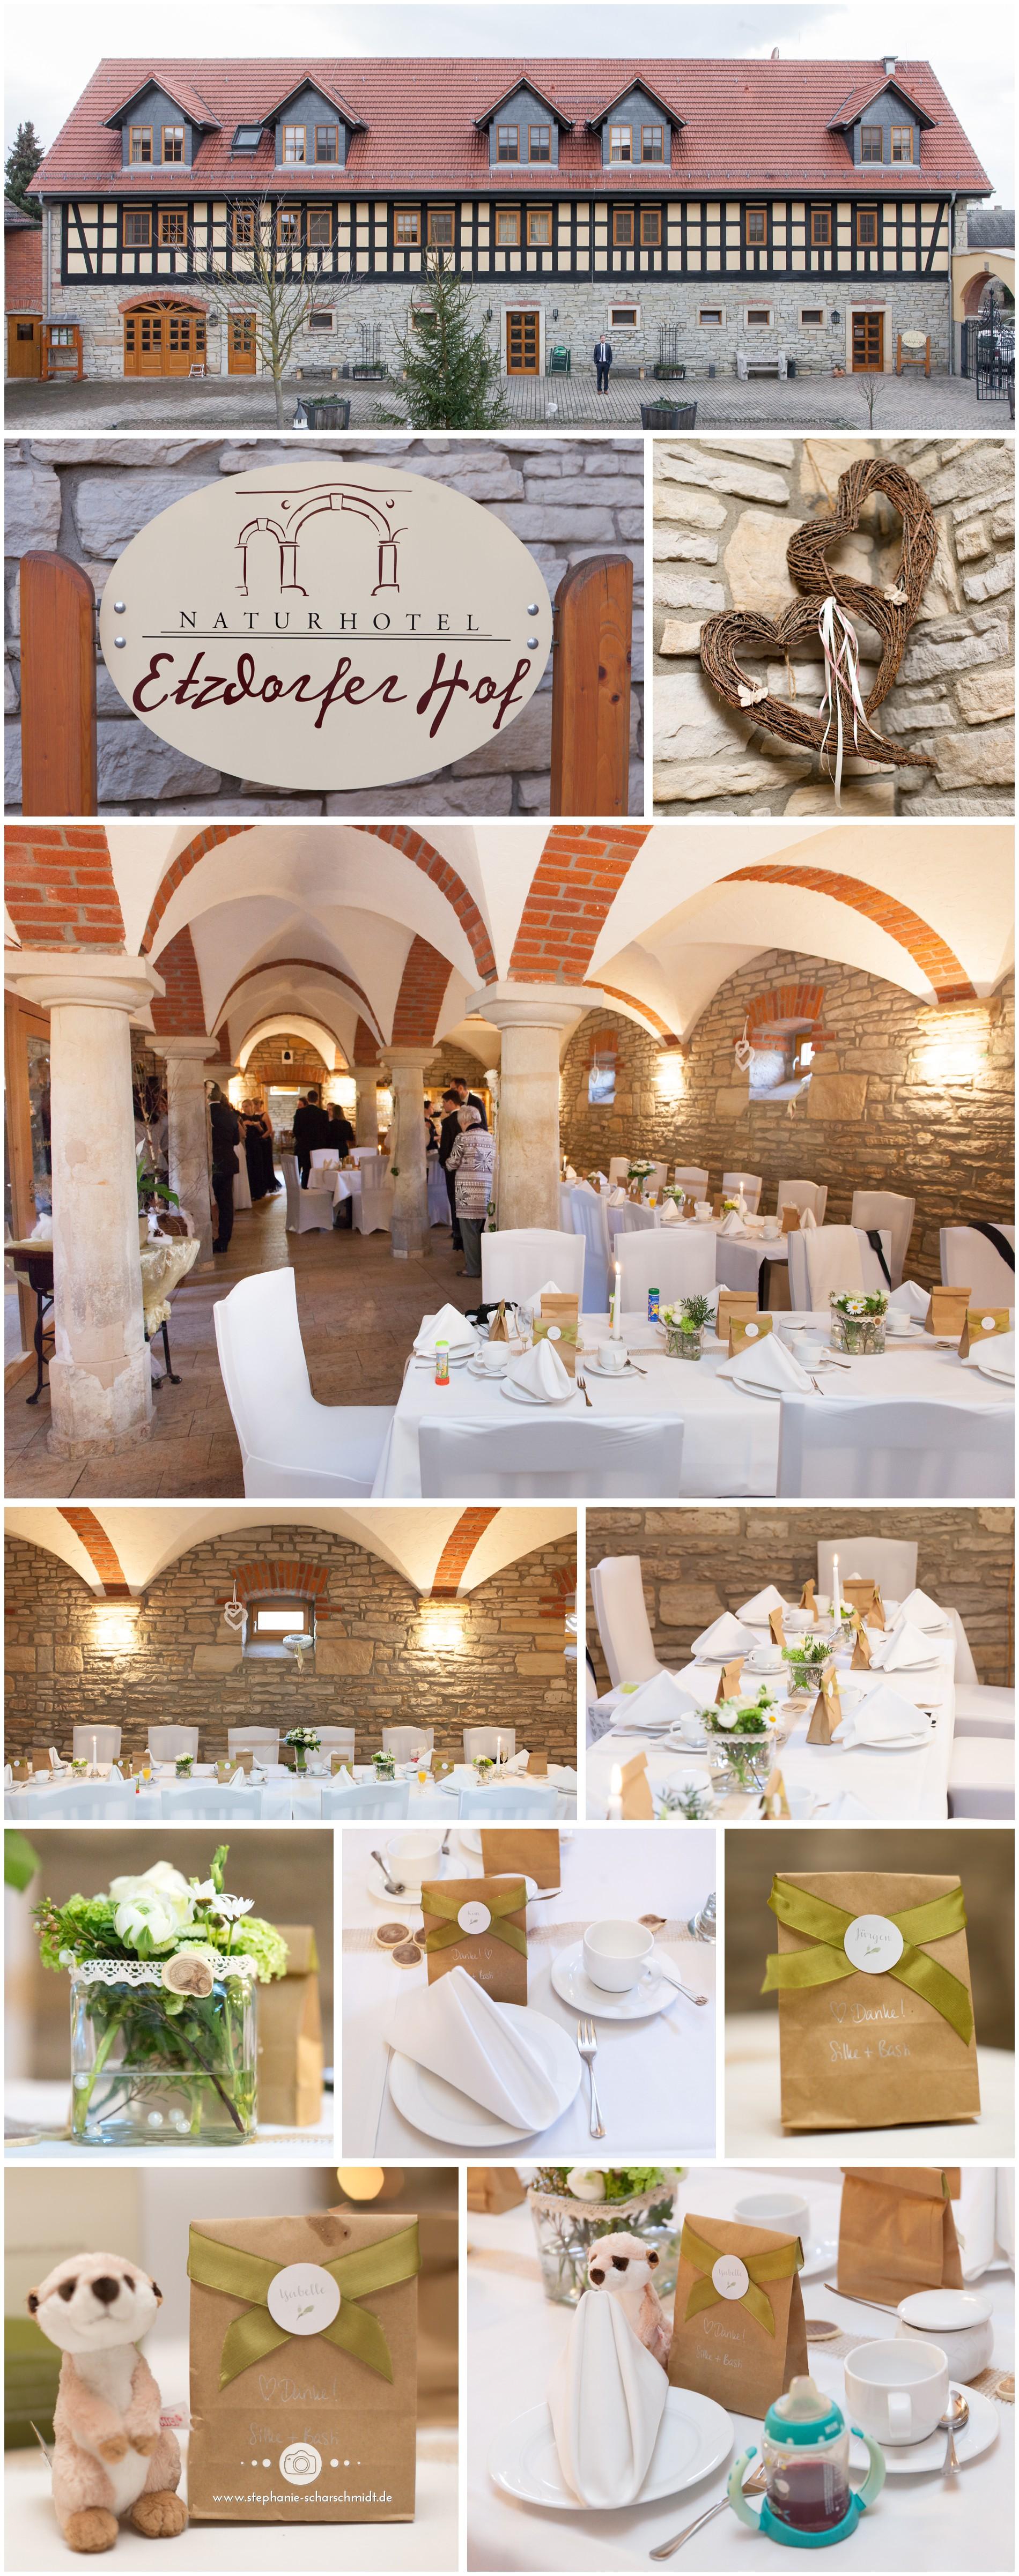 08 - Hochzeitsdekoration im Naturhotel Etzdorfer Hof nahe der Stadt Eisenberg im Saale-Holzland-Kreis-Thüringen - Hochzeitsfotografin Stephanie Scharschmidt